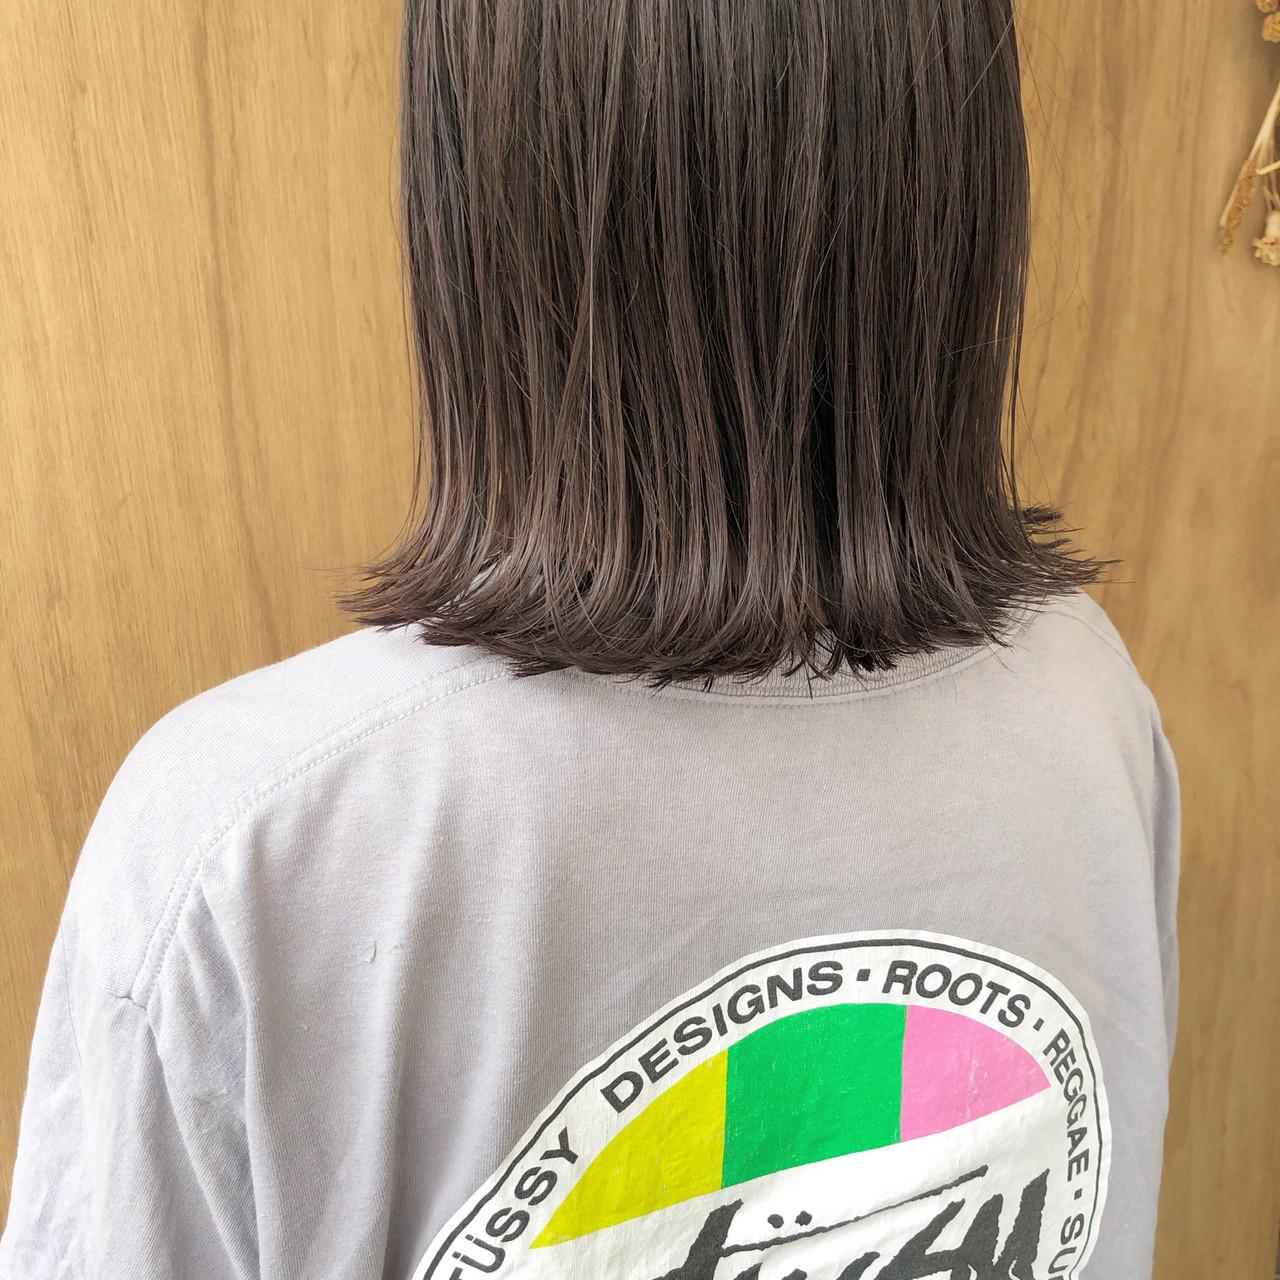 ボブ 外ハネボブ ショートボブ 切りっぱなしボブ ヘアスタイルや髪型の写真・画像   松井勇樹 / TWiGGY  歩行町店